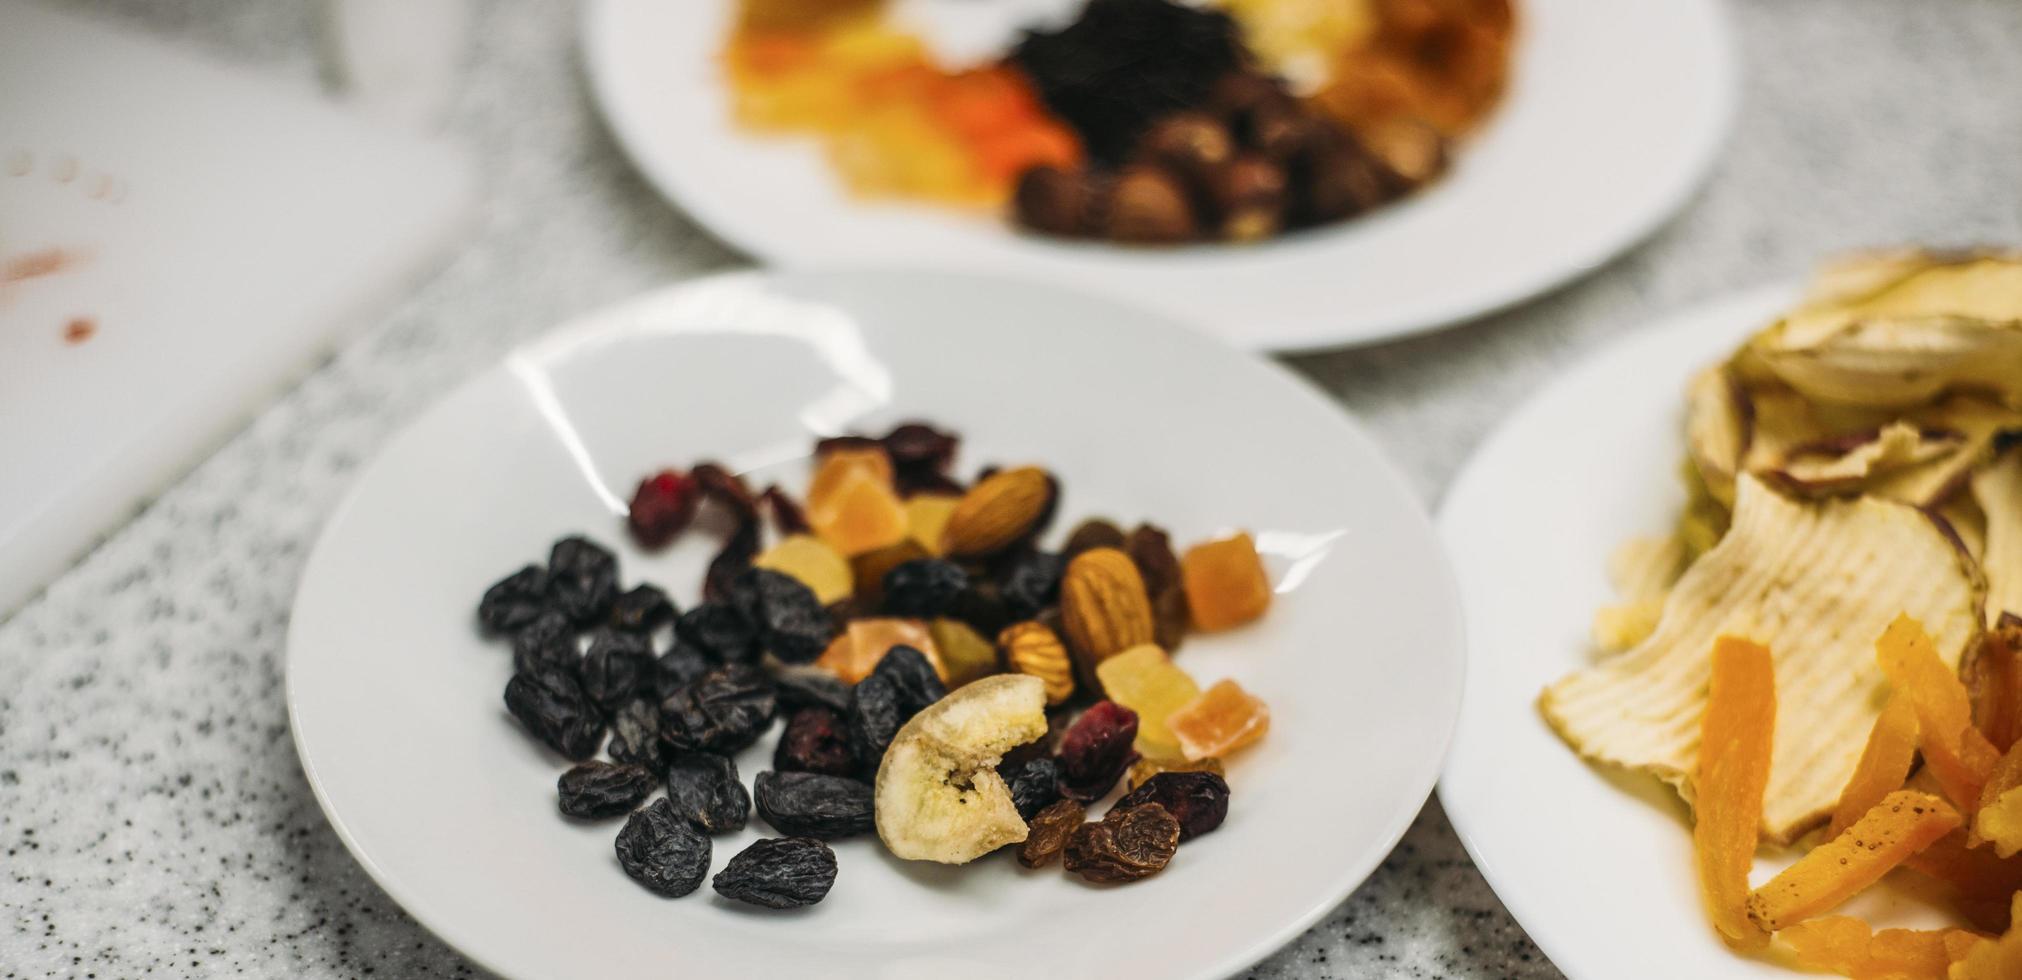 Dried fruit snacks photo